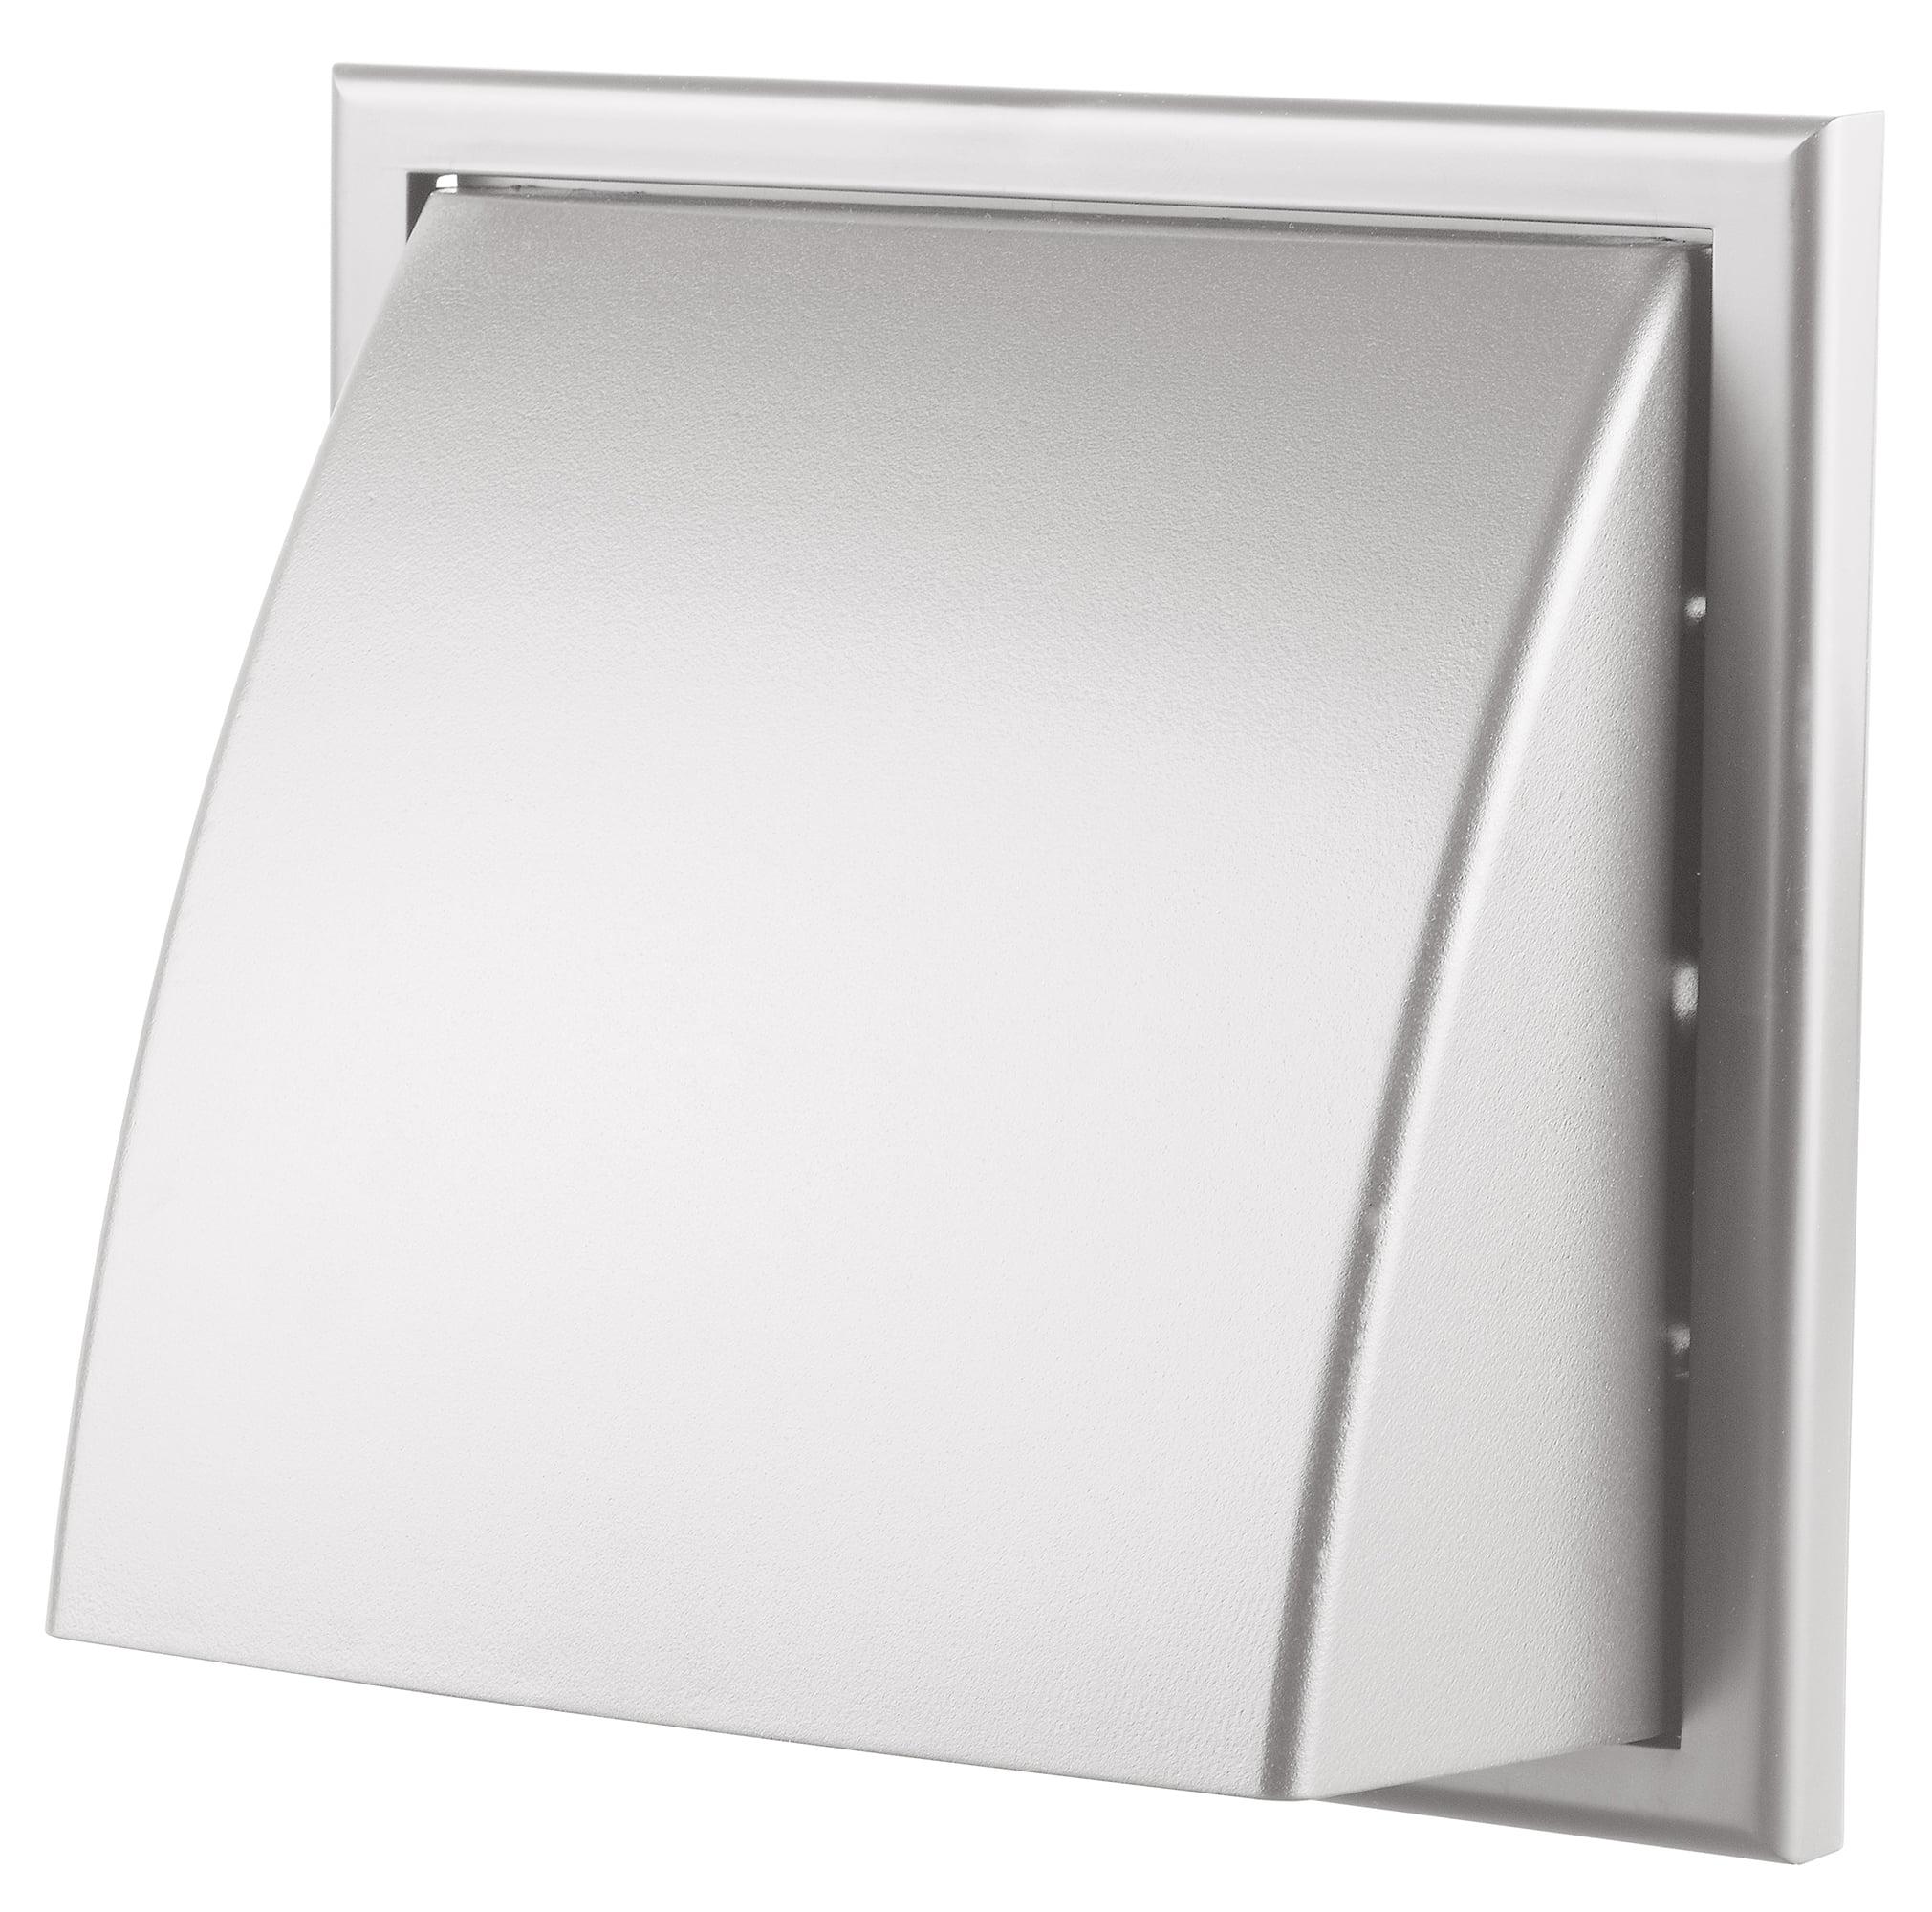 plastic exterior ventilation wall cap 6 duct walmart com